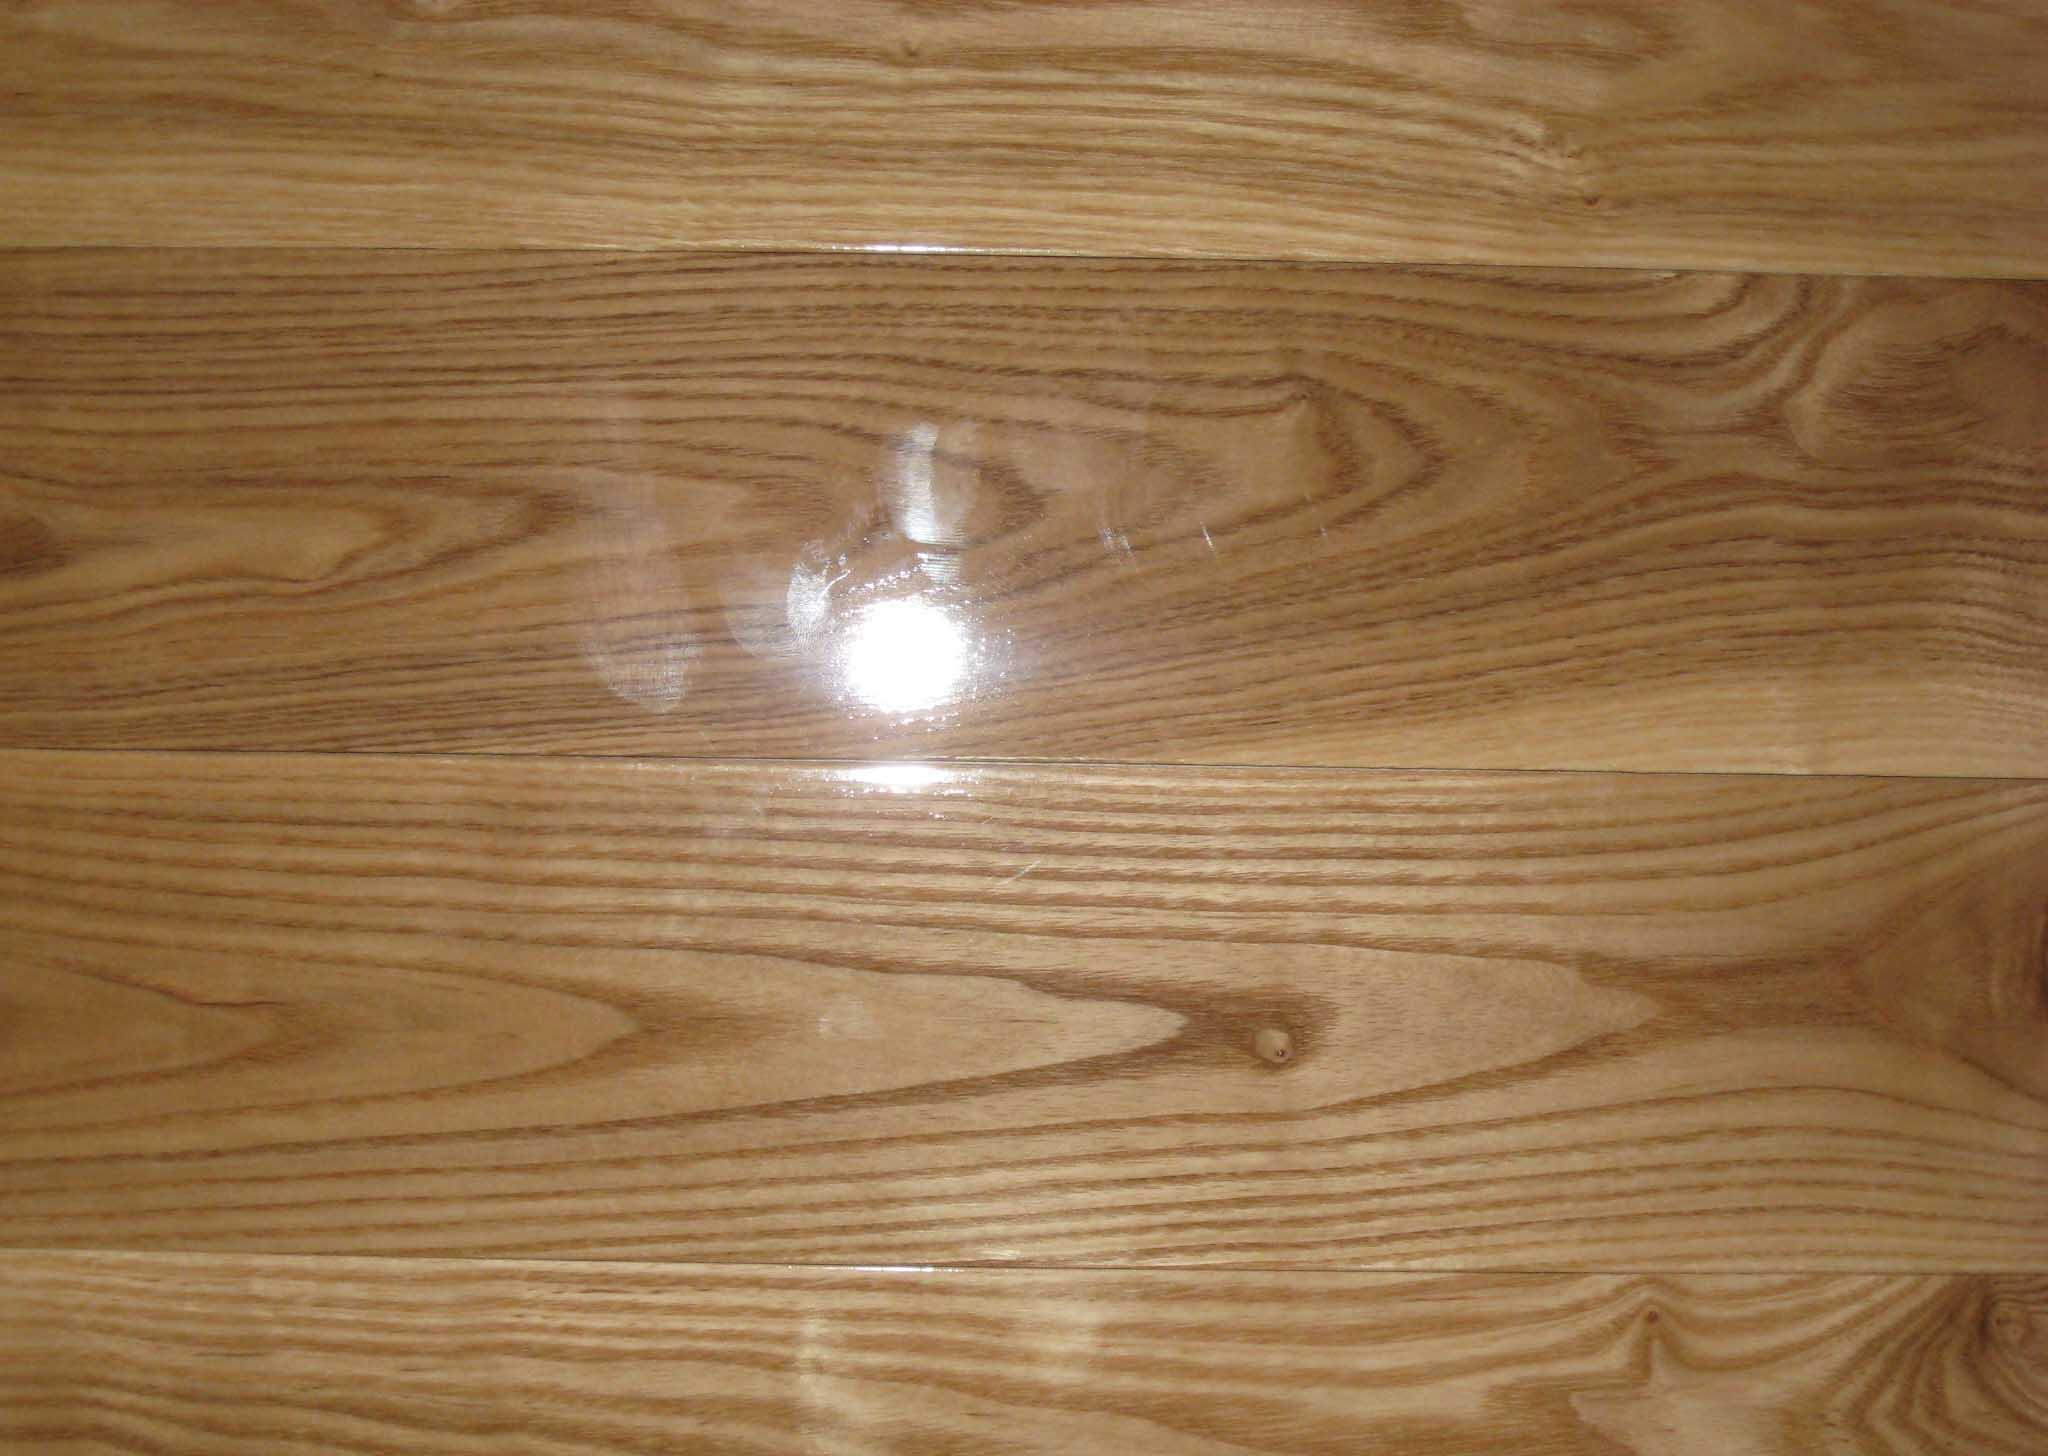 鑫海实木地板-水曲柳油木色水曲柳油木色